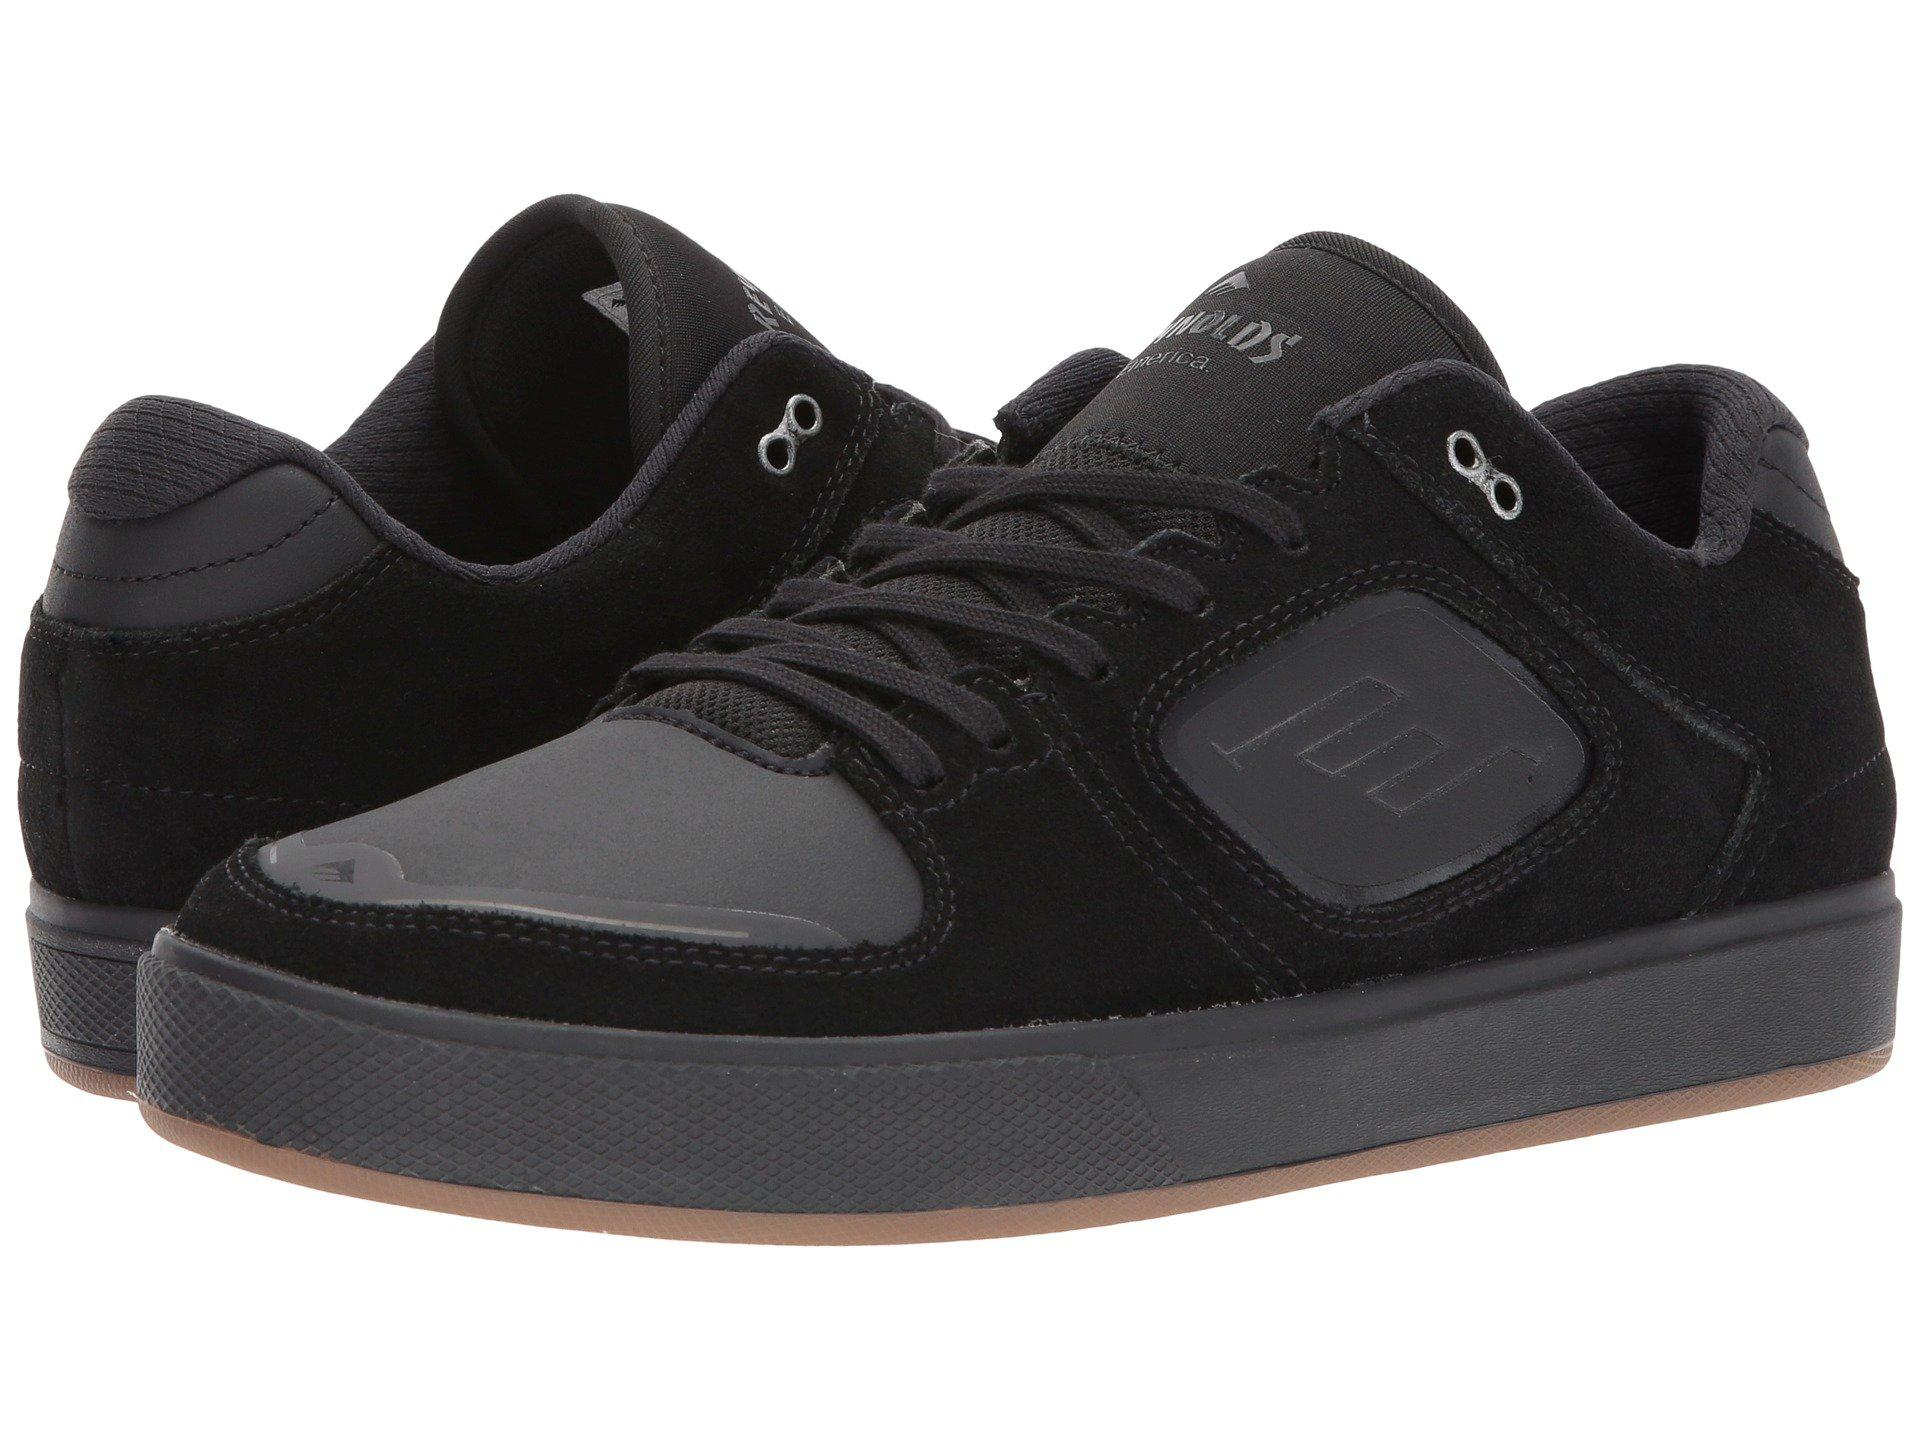 862469250de39e Lyst - Emerica Reynolds G6 (black white) Men s Skate Shoes in Black ...